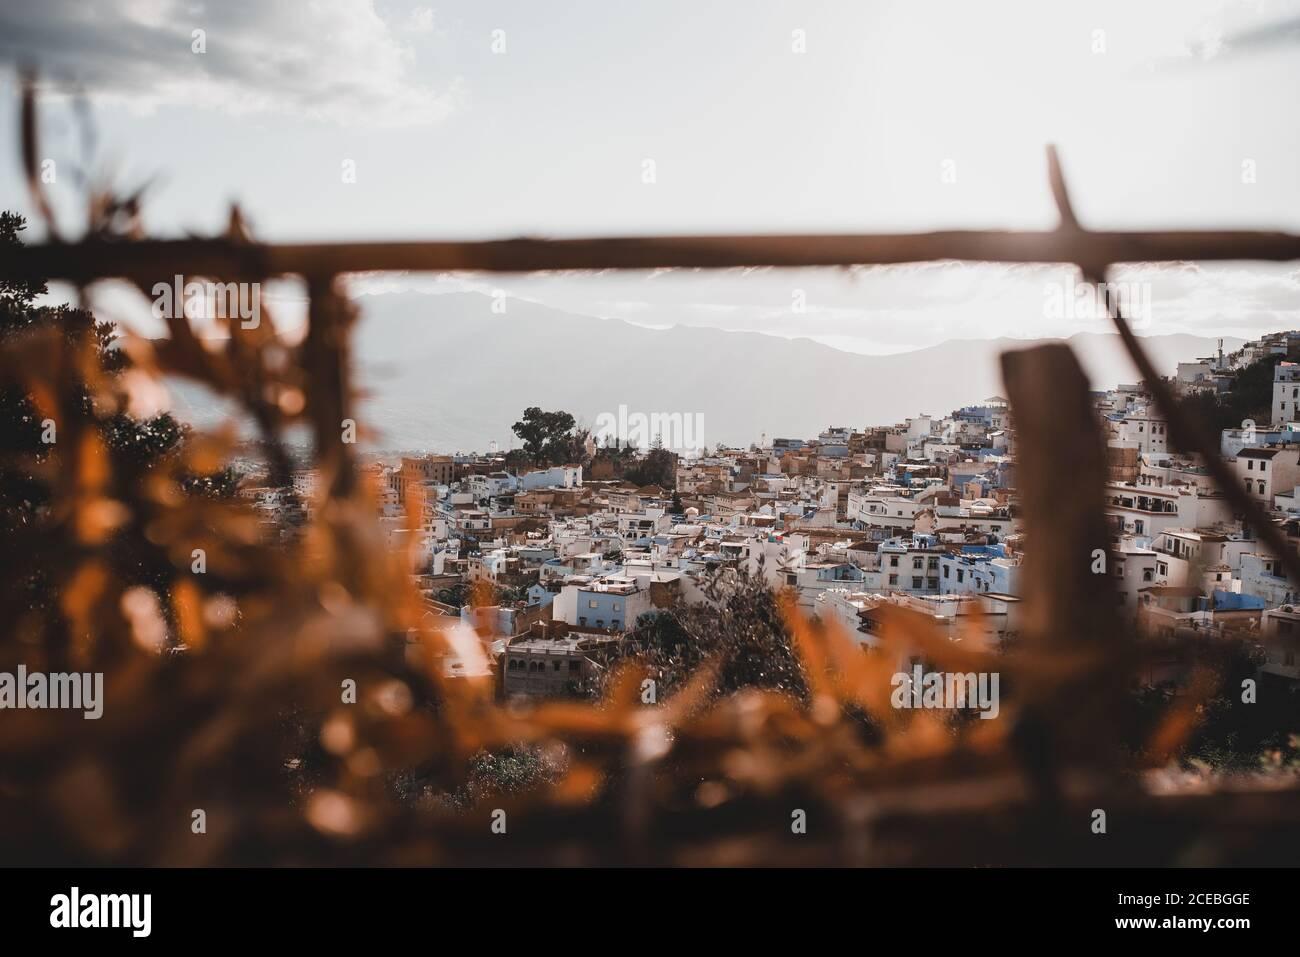 Los edificios de Marruecos se extendieron sobre la colina y iluminados por brillante rayos de sol a través del cielo nublado sobre el fondo de la majestuosa montaña alta Foto de stock